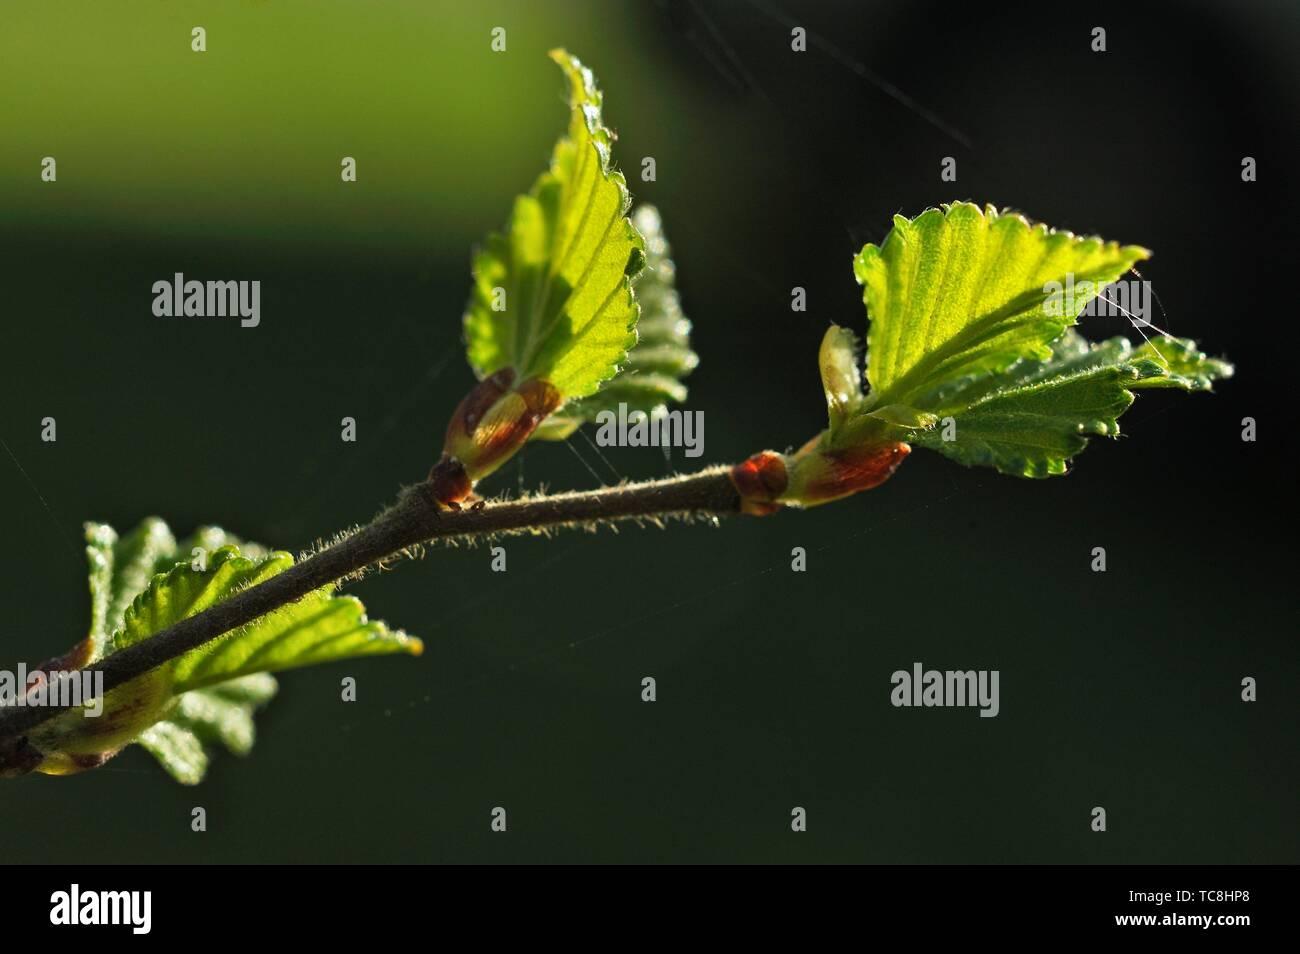 Kleiner Zweig mit jungen Blätter silber Birke (Betula pendula), Eure-et-Loir Abteilung, Center-Val de Loire Region, Frankreich und Europa. Stockbild